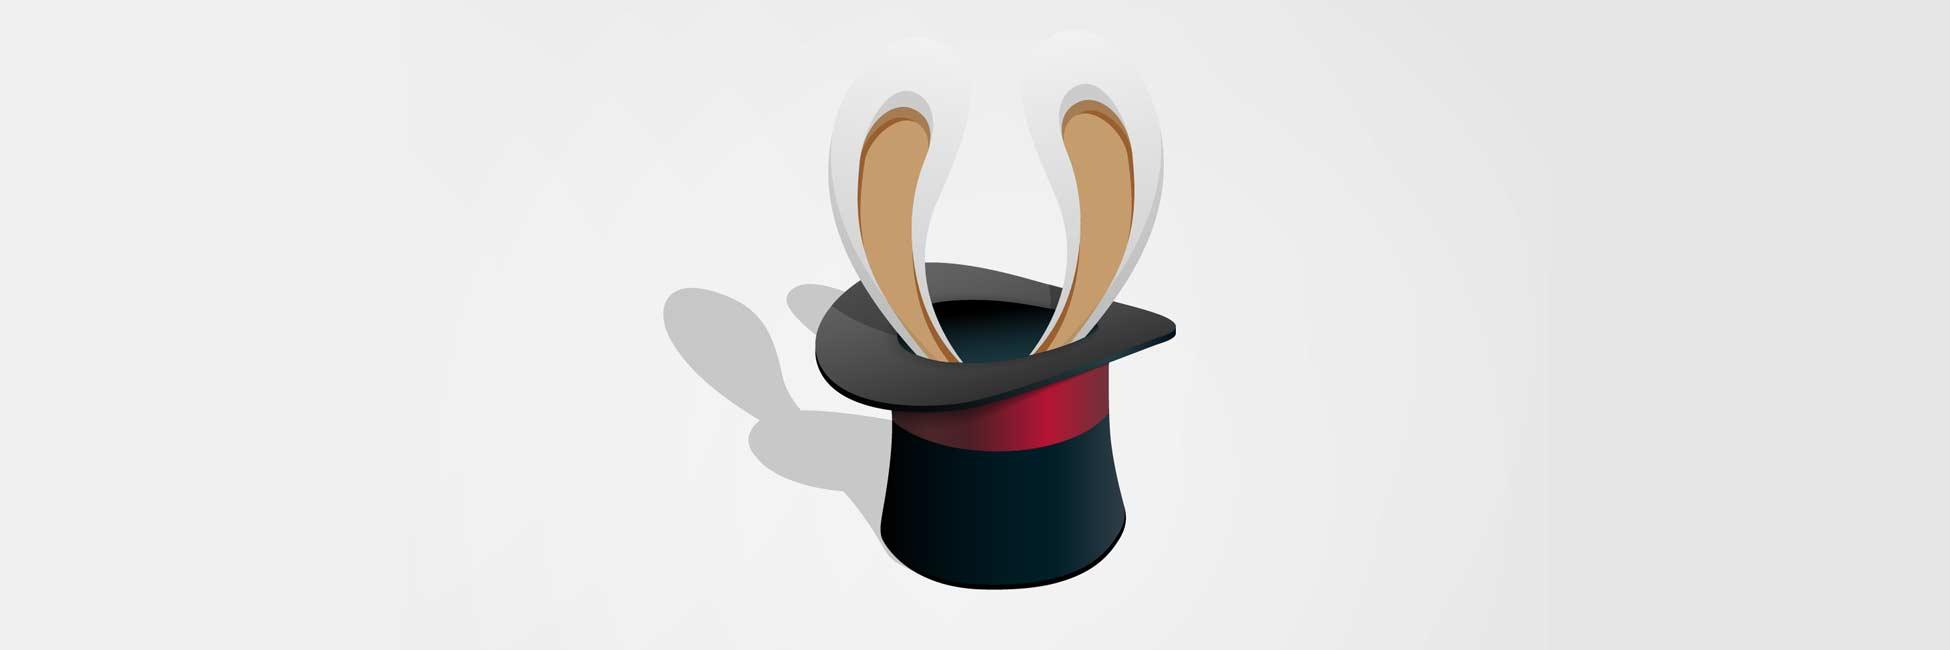 Conejo en el sombrero